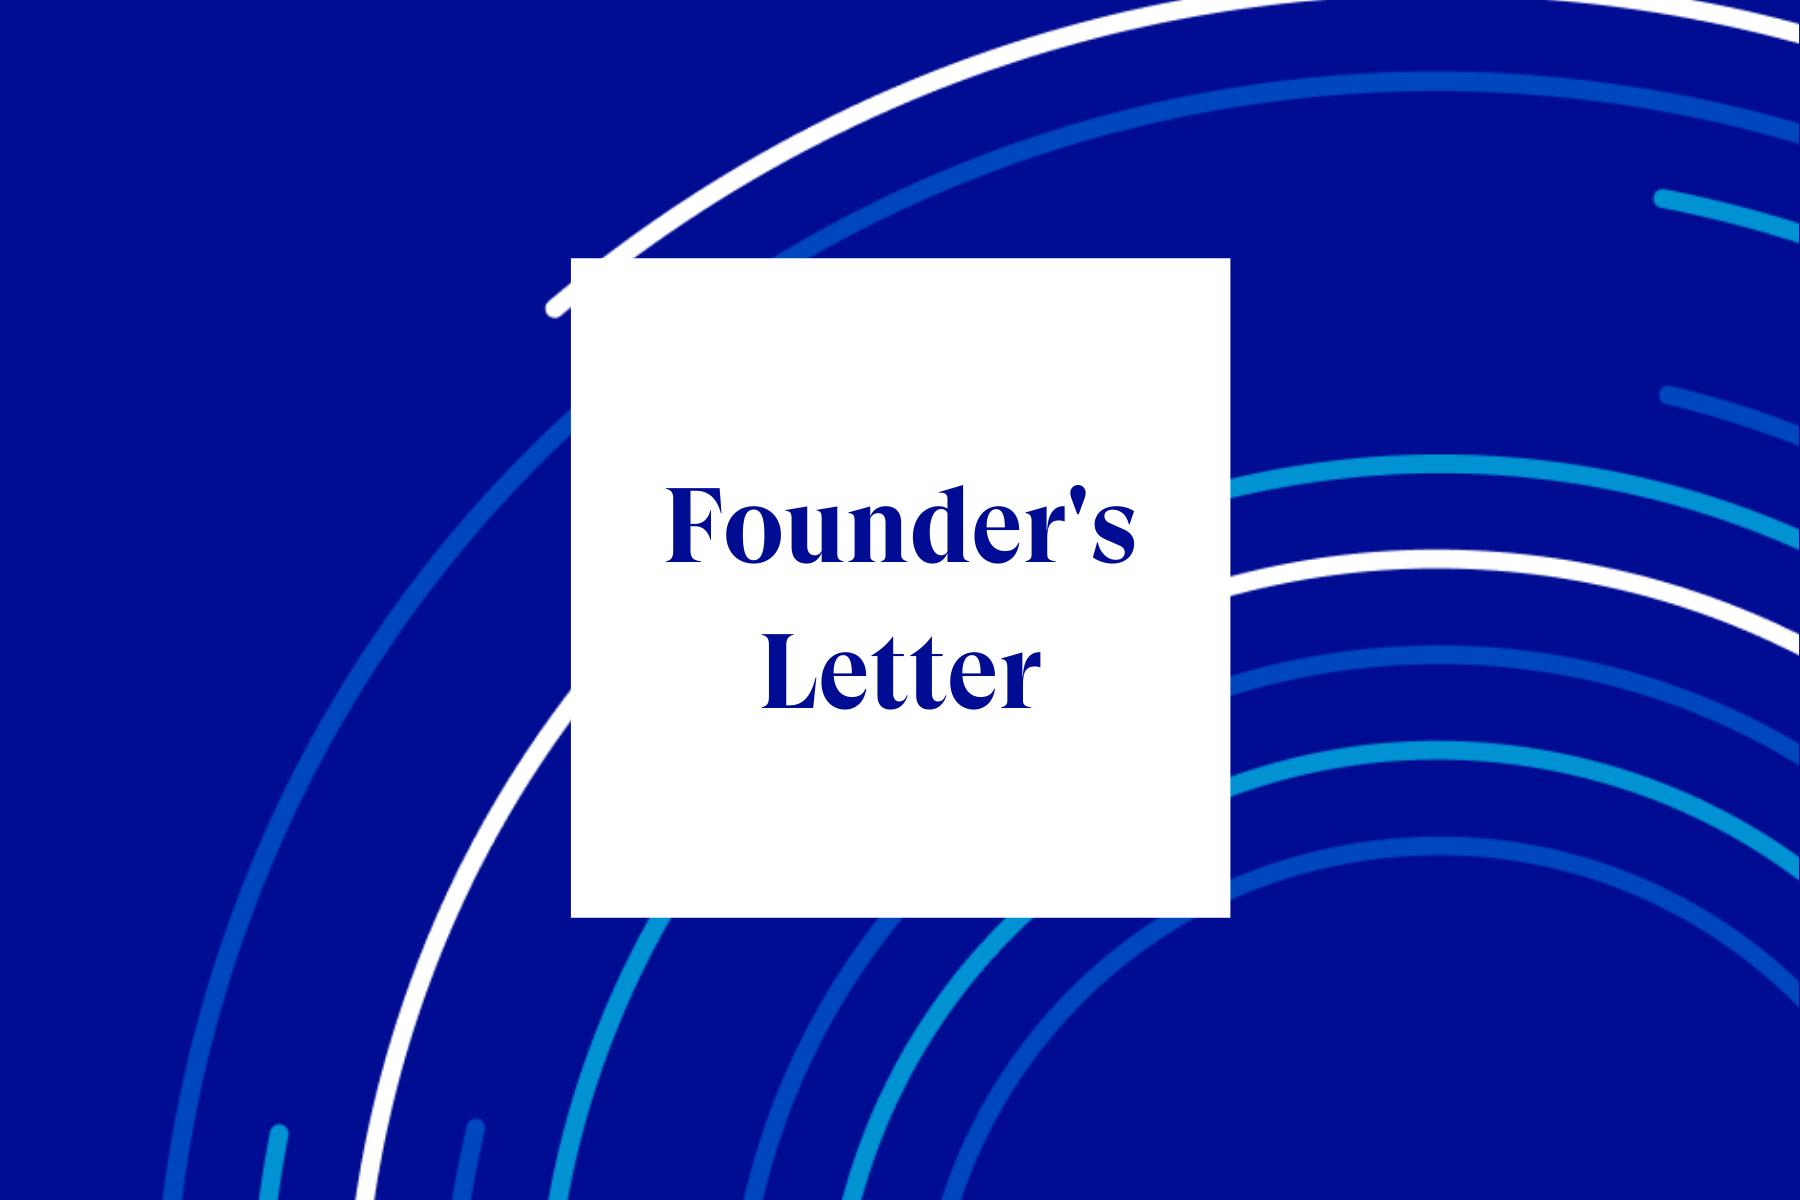 Founder's Letter